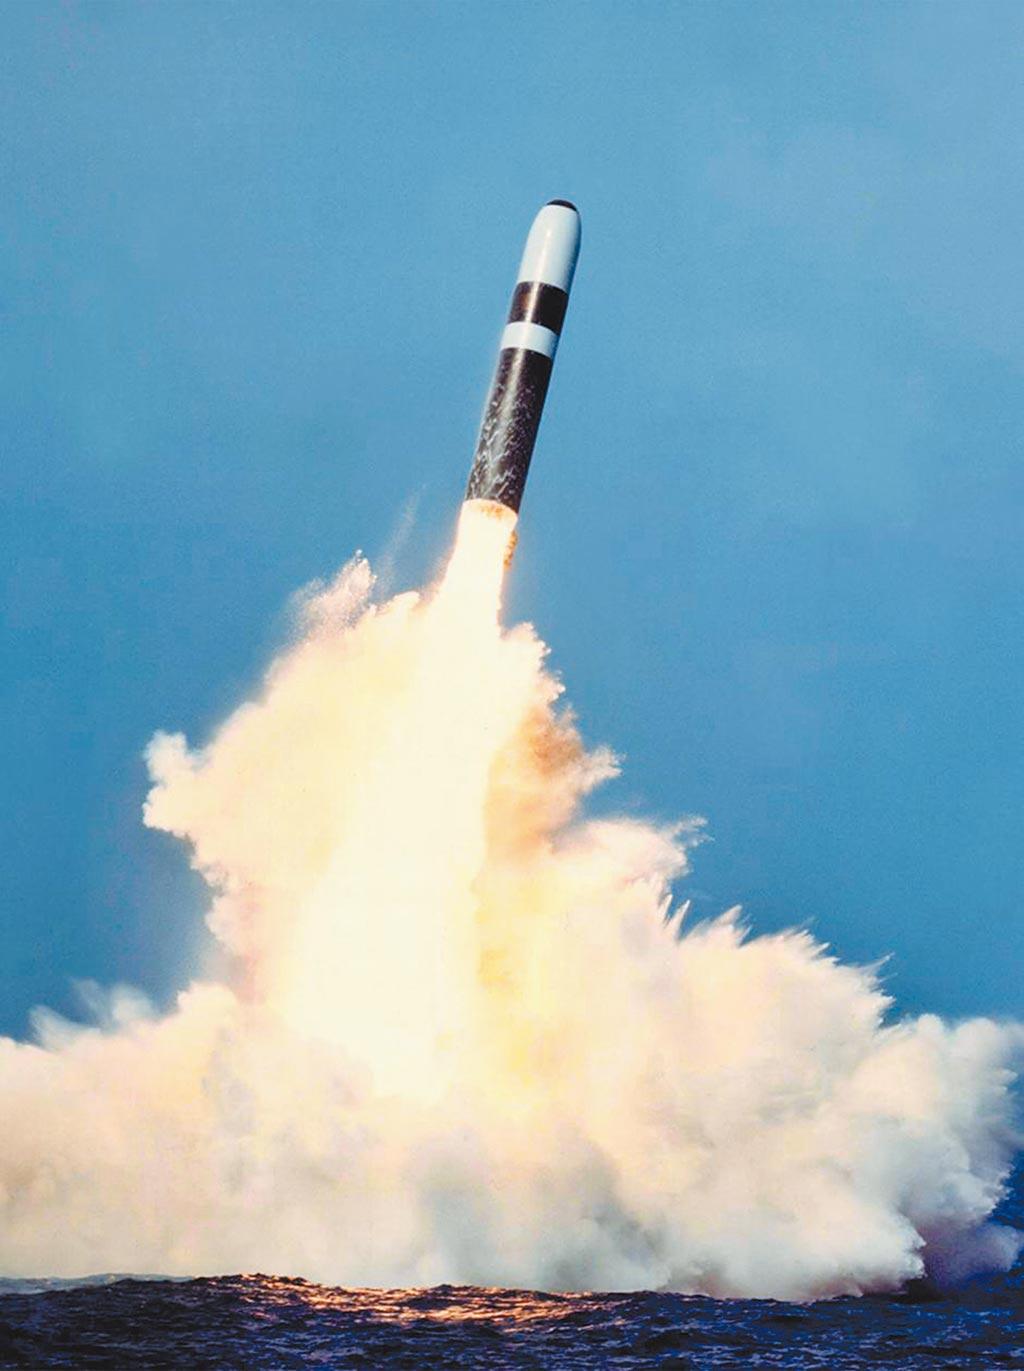 2019年6月2日,大陸曾於渤海試射最新的潛射彈道飛彈「巨浪-3」(JL-3),該型導彈可搭載10枚分導式核彈頭,該彈最大射程可逾16000公里,配備於2021年服役的096型、094型戰略核潛艦。(摘自網路)